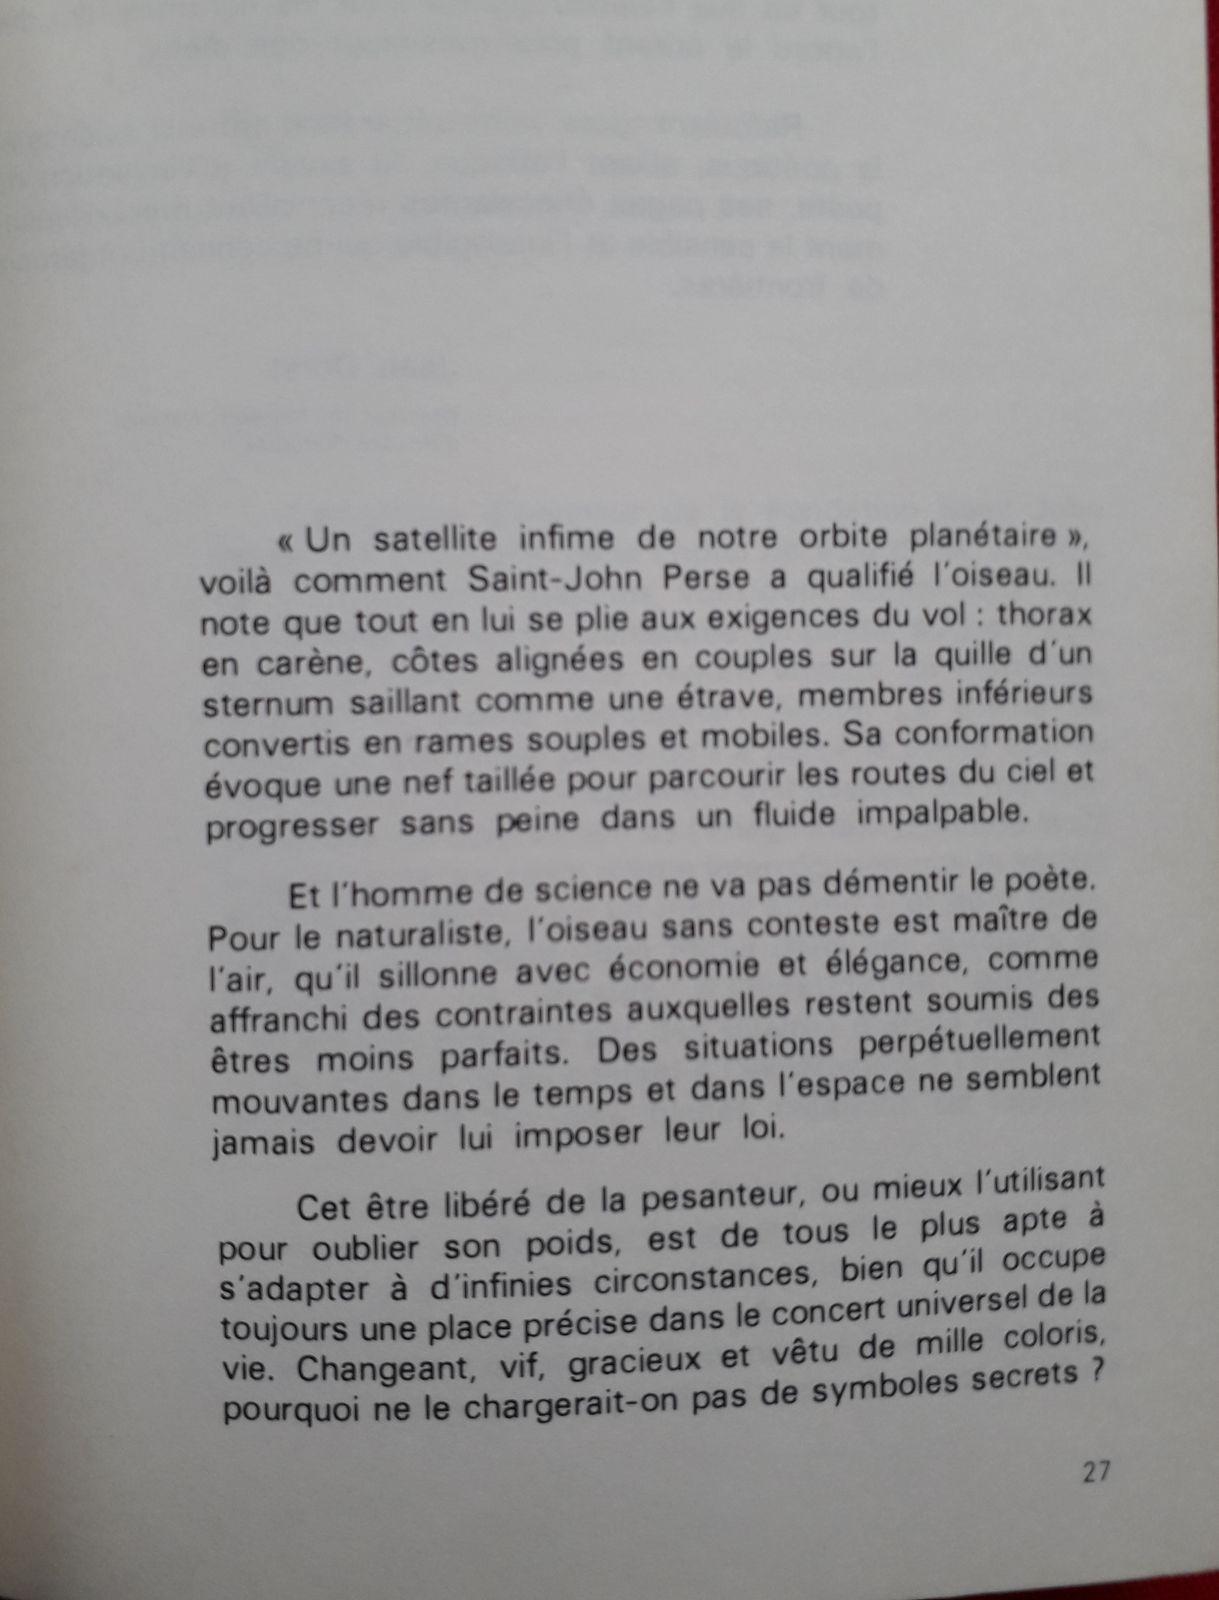 """Exceptionnel entretien avec Jean Dorst (1965) lors de la parution de son livre """"Avant que nature meure"""" (Pierre Ichac/INA)"""